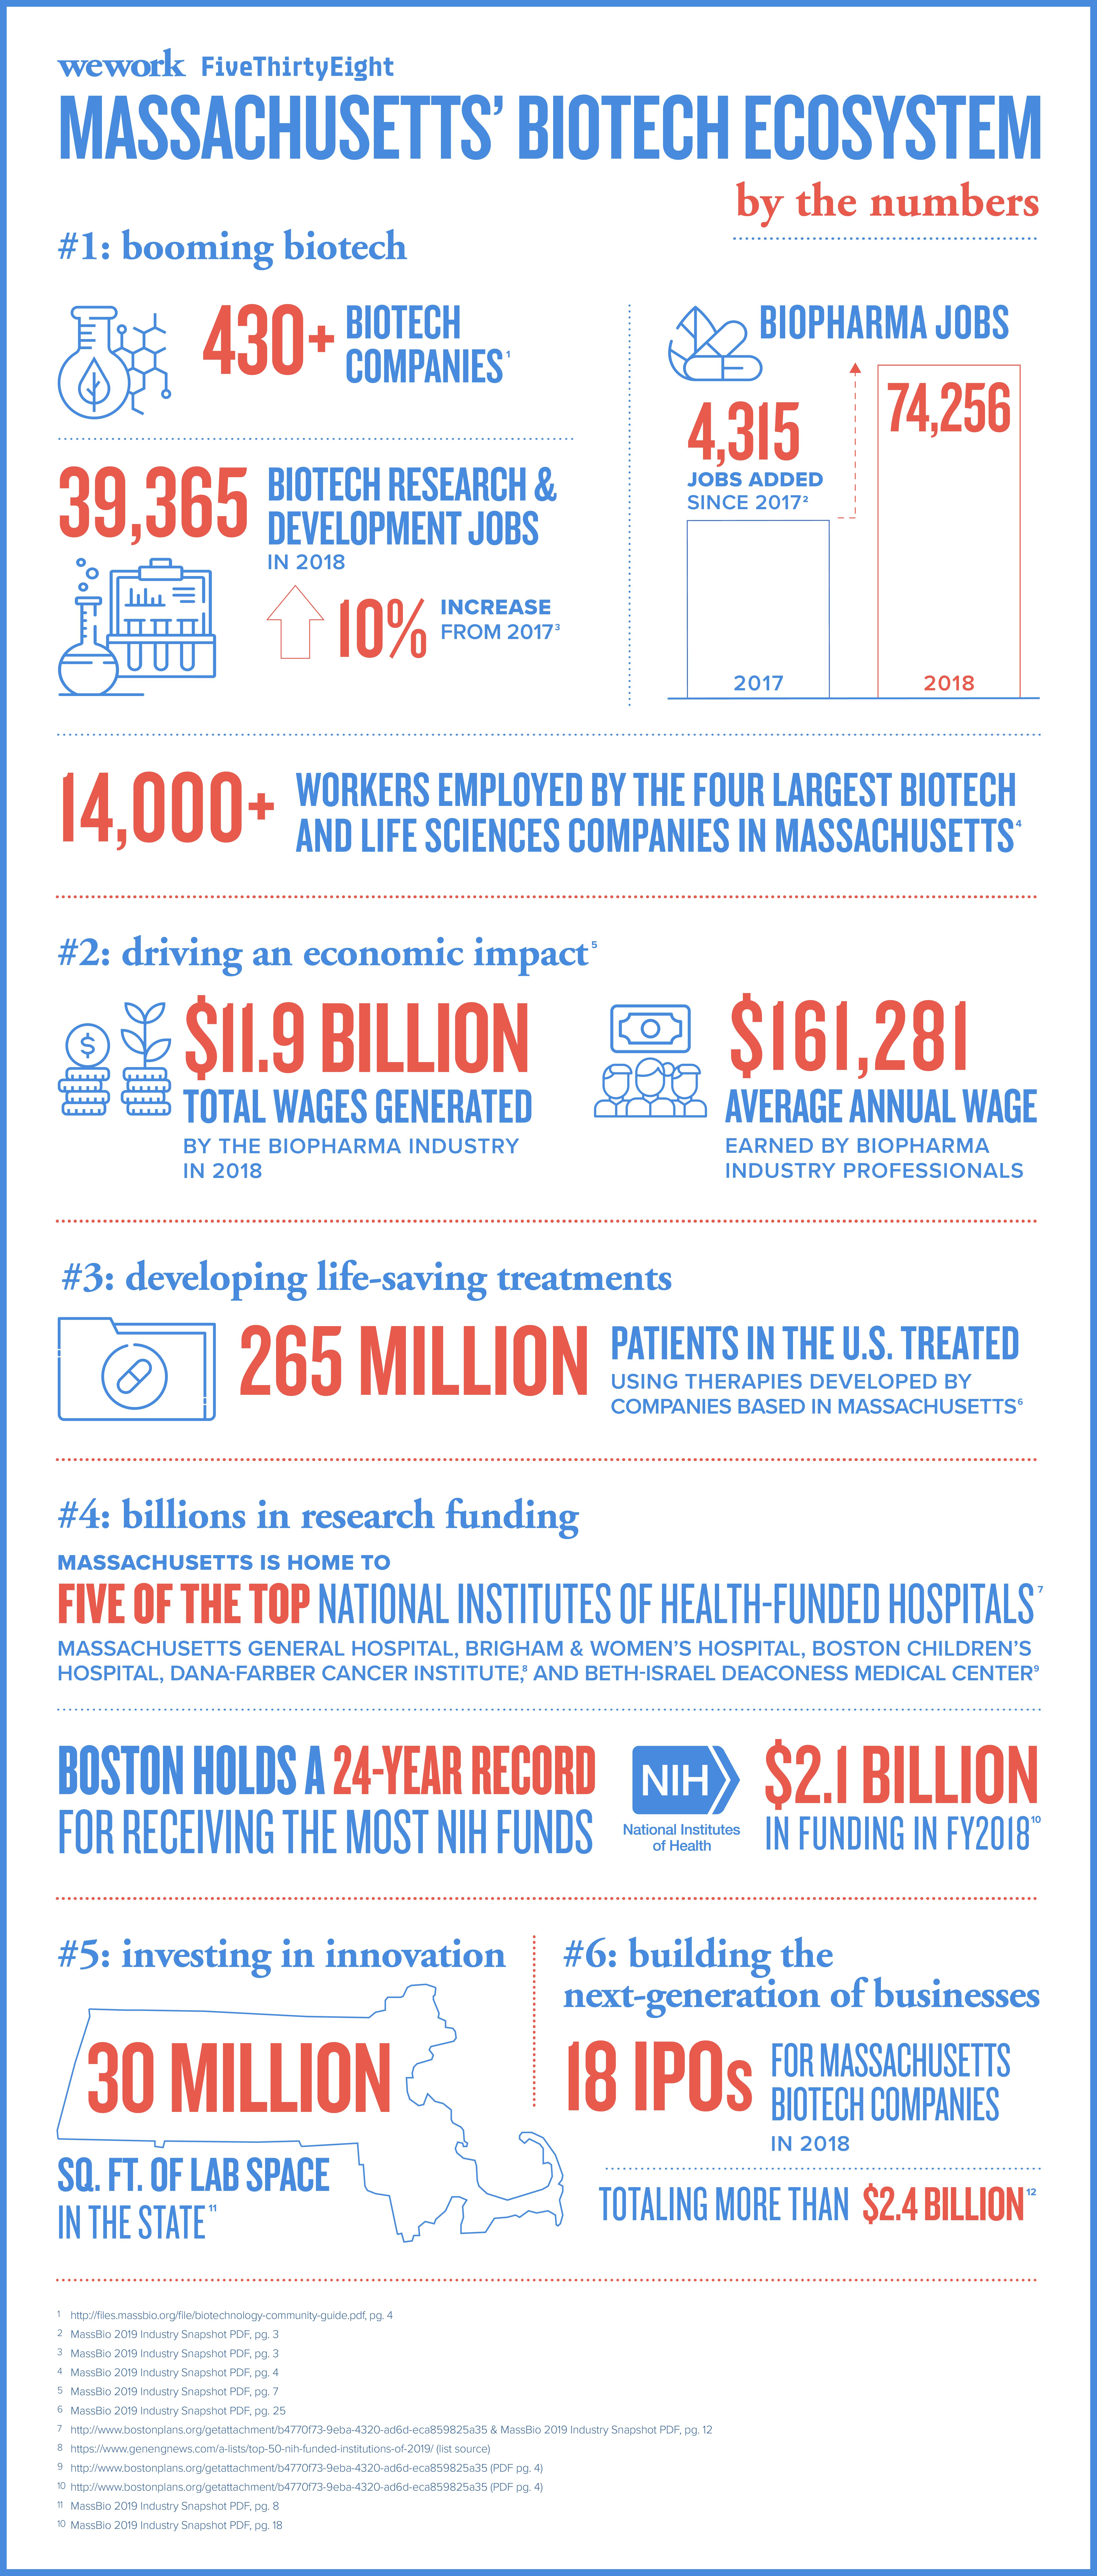 Massachusetts Biotech